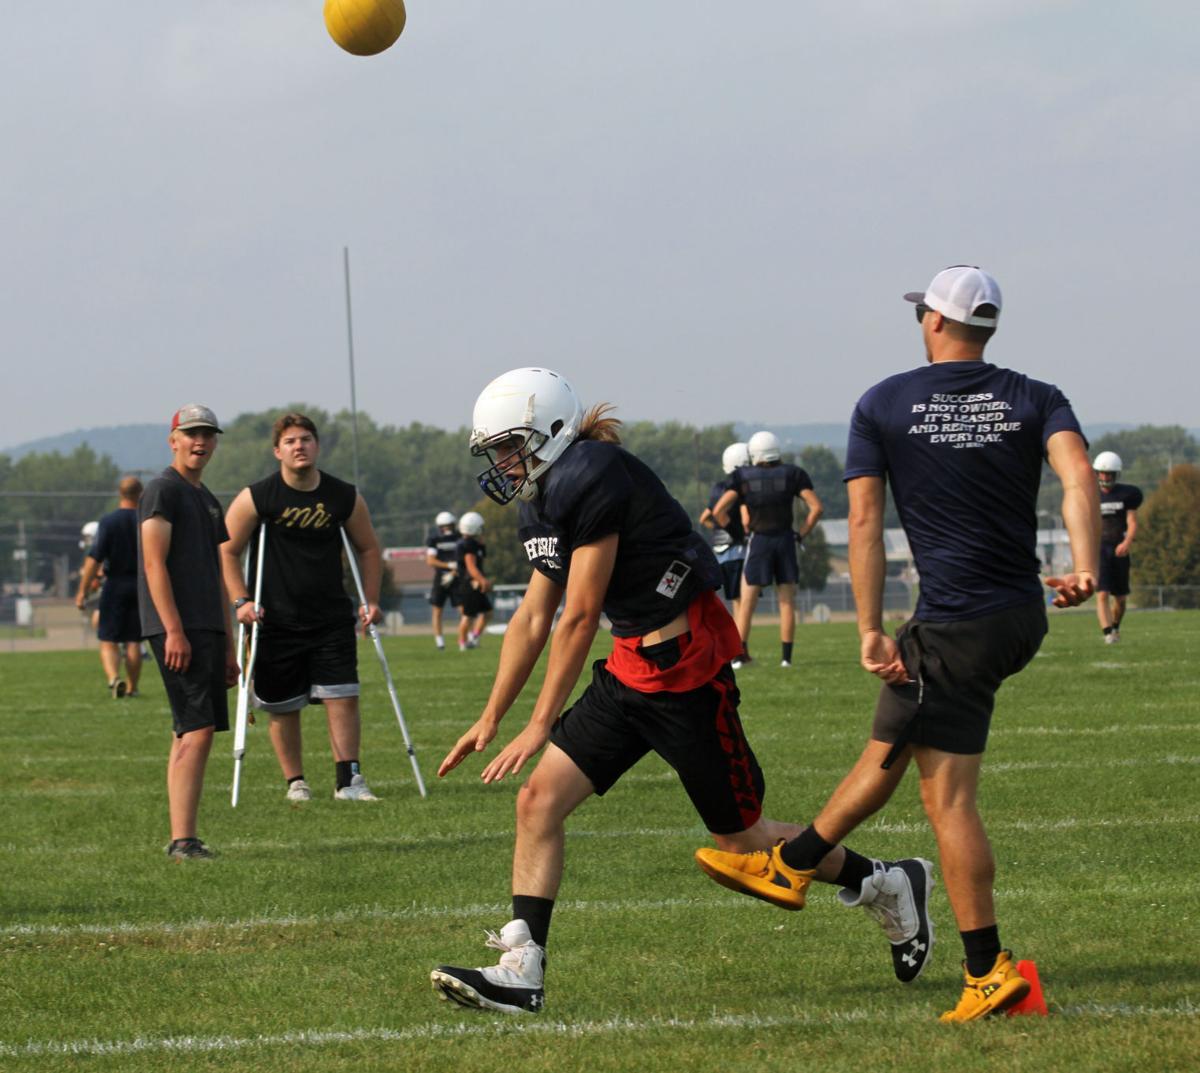 Reedsburg football